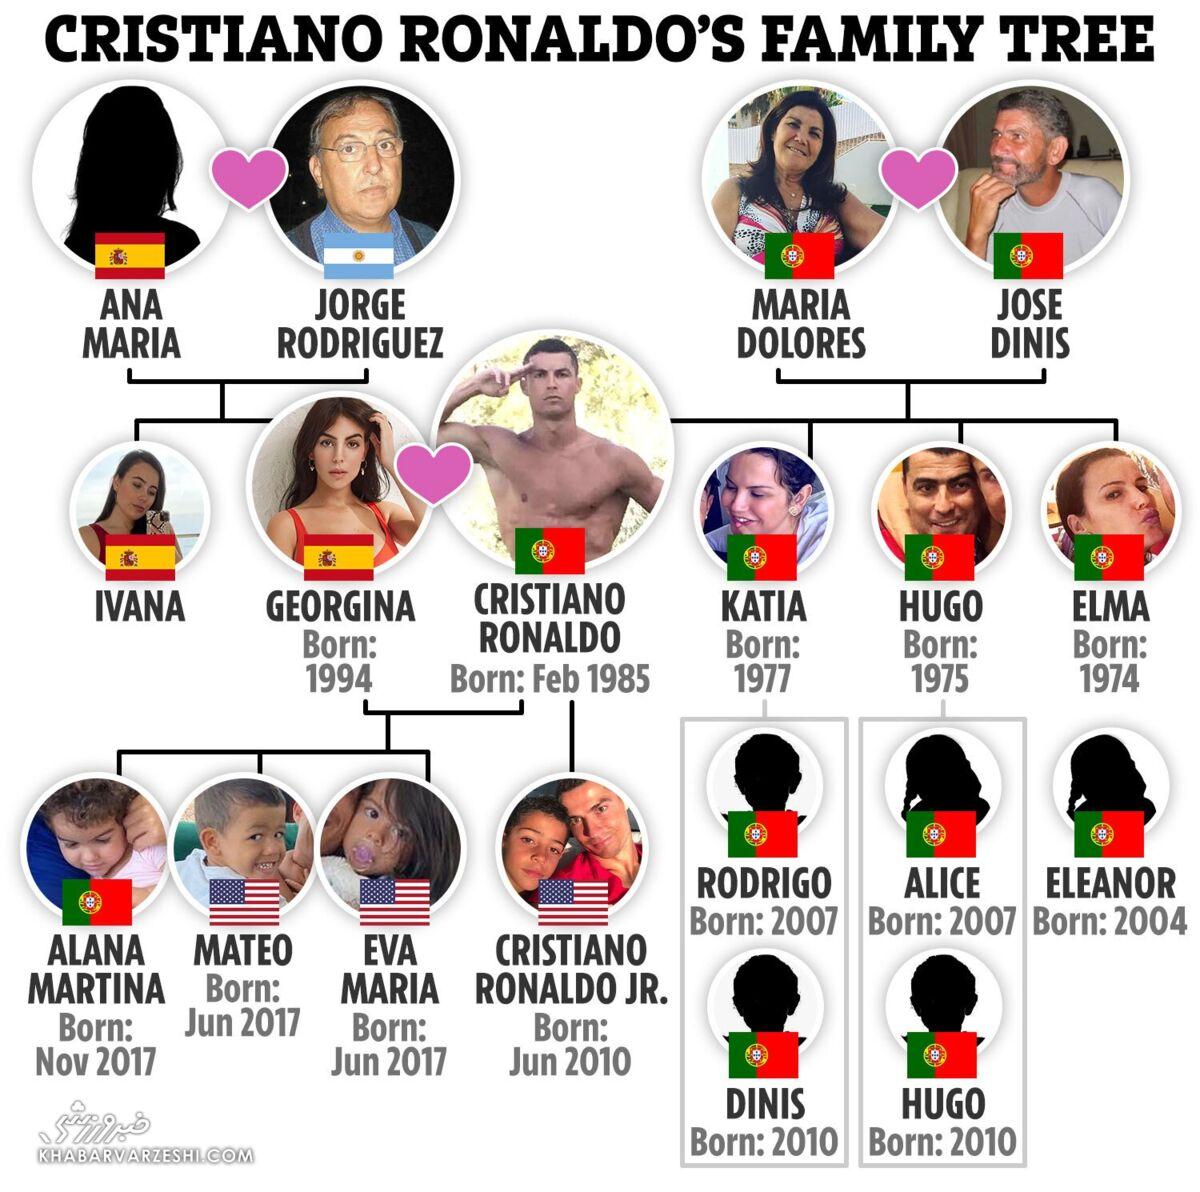 درخت خانوادگی کریستیانو رونالدو/ از پدر و برادر الکلی تا پدرزن قاچاقچی!